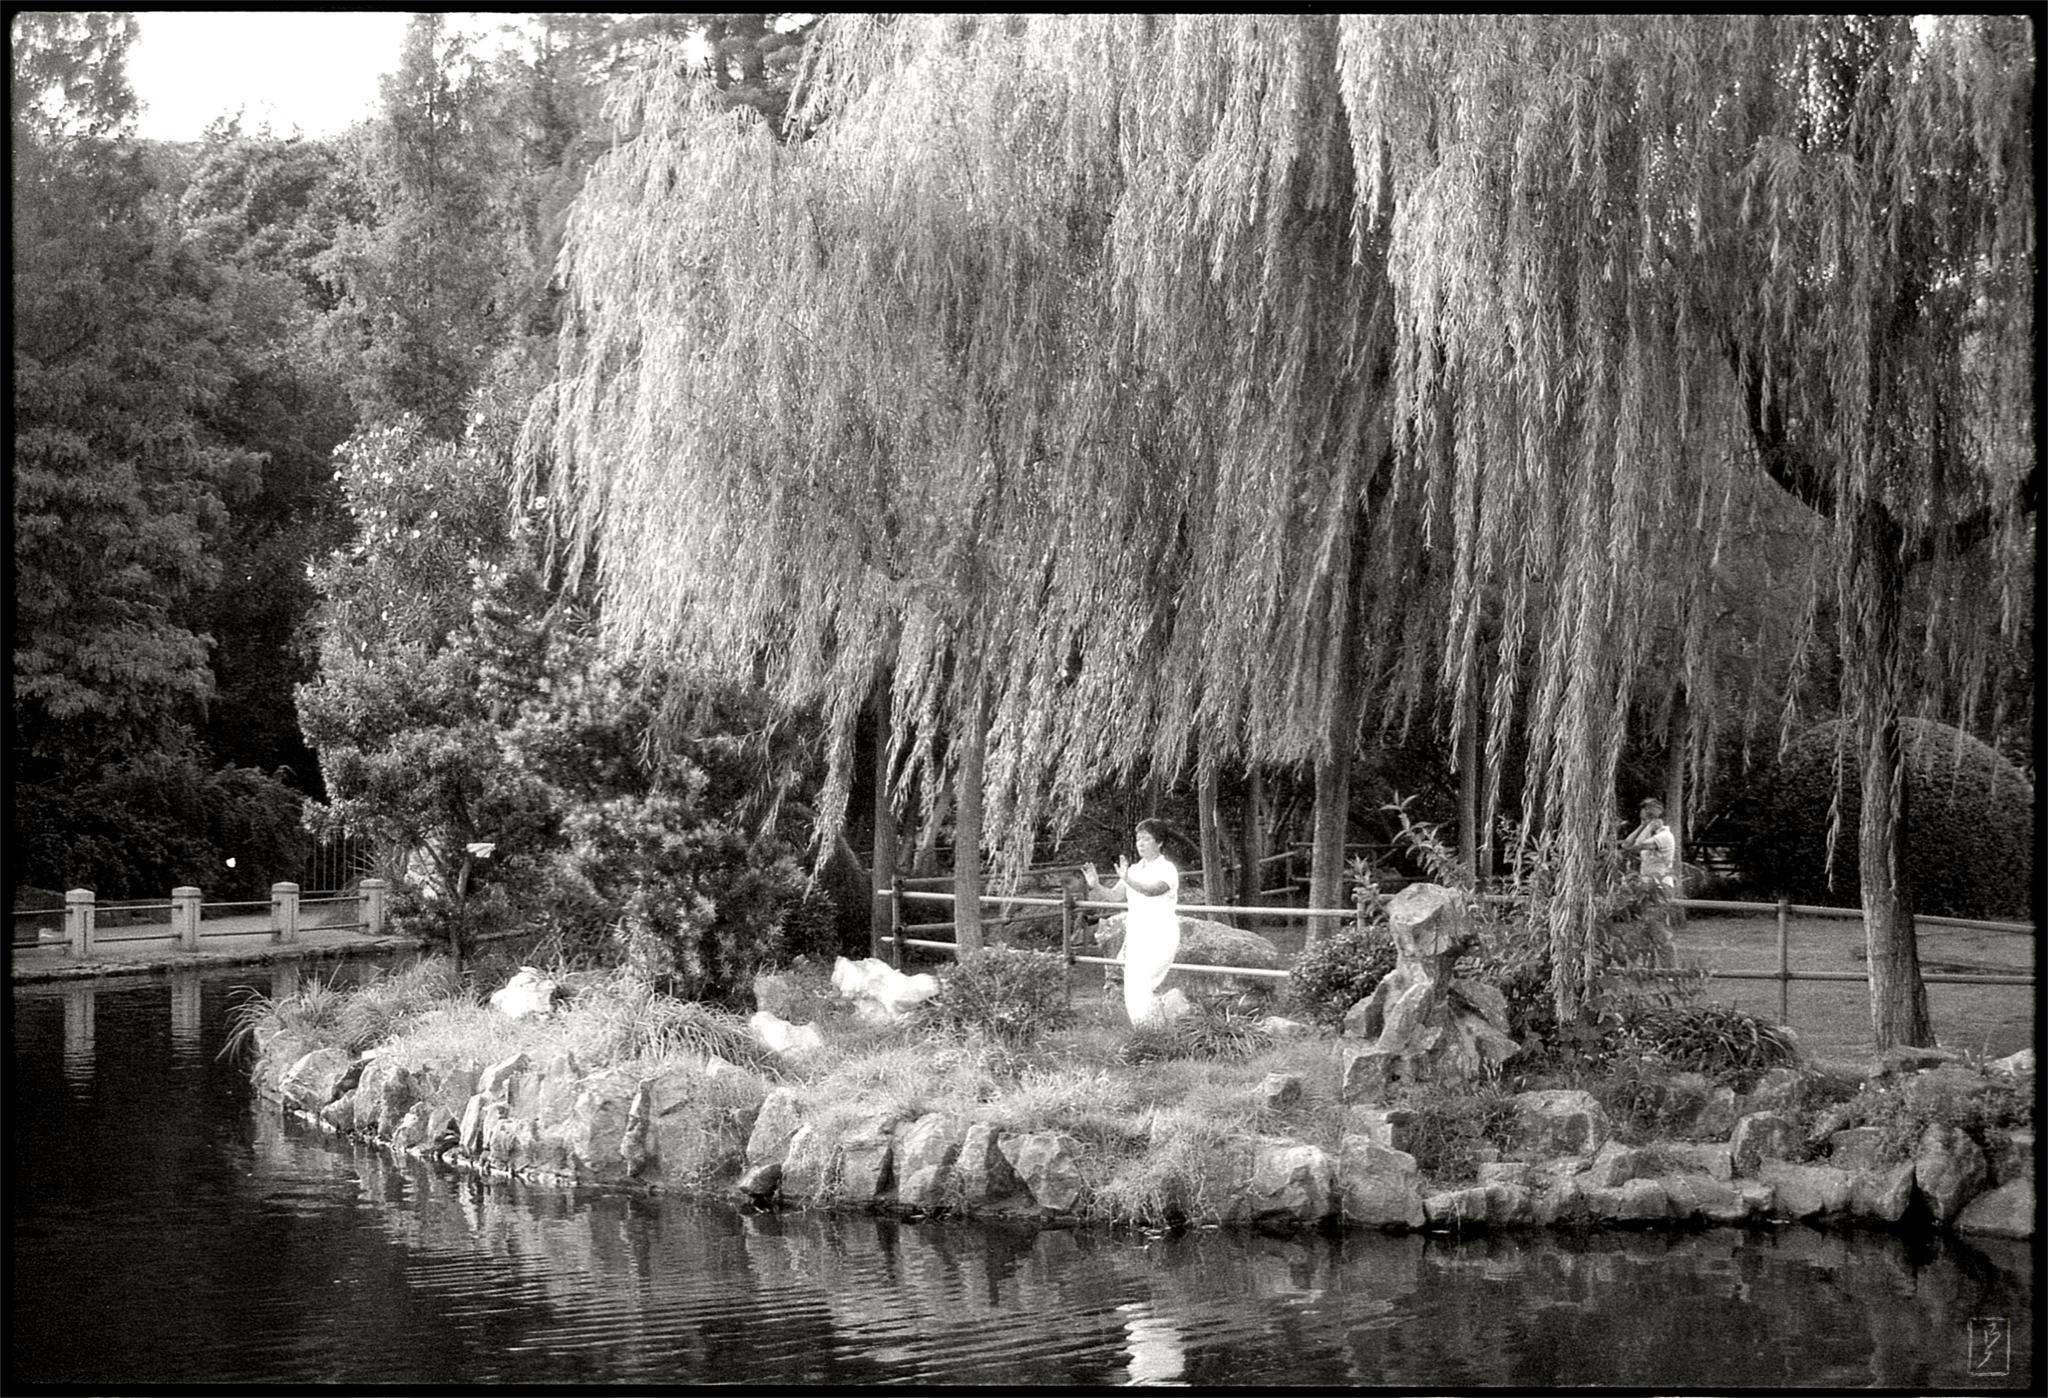 Lu Xun park (鲁迅公园): Taiji practice.